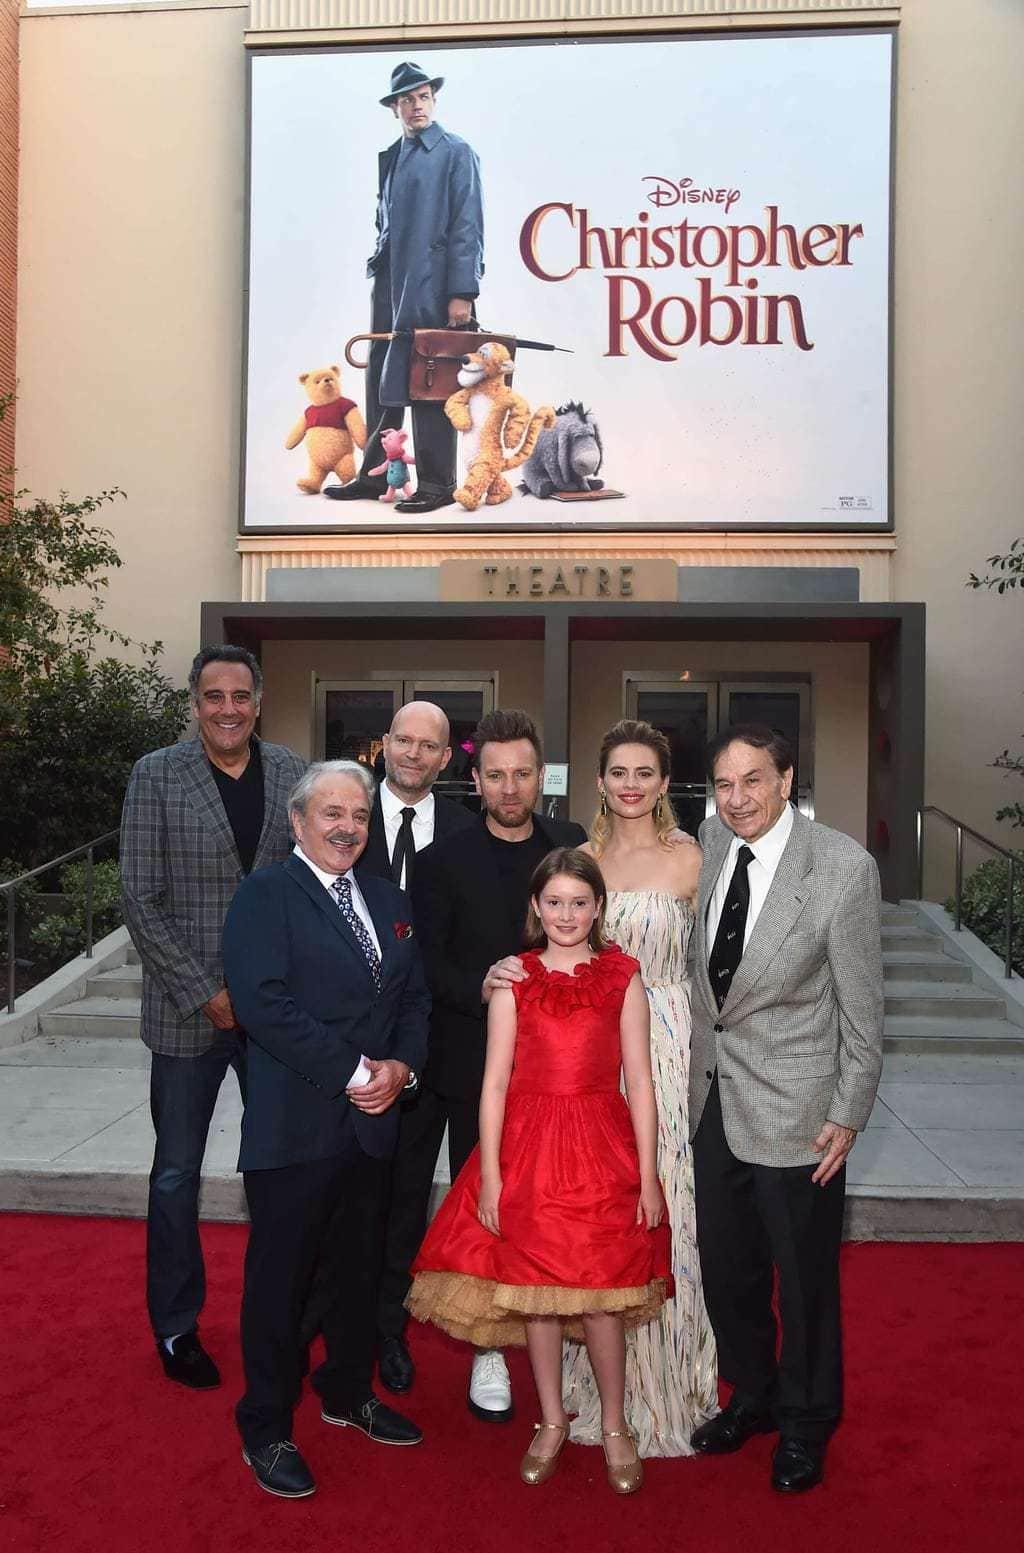 Disney's Red Carpet for Christopher Robin